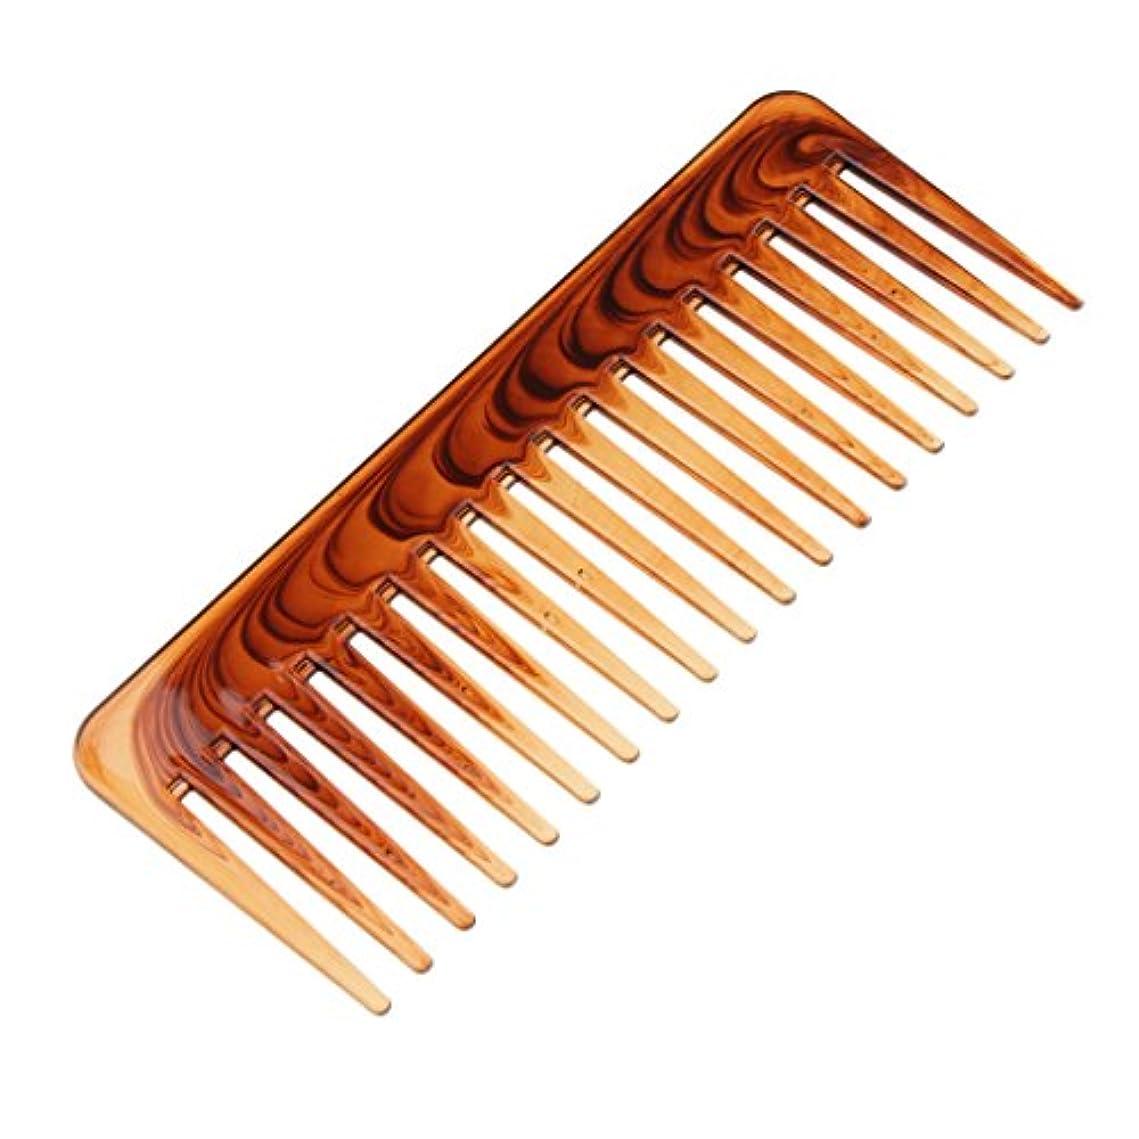 ふさわしいマージンまたはどちらか絡み合った髪の櫛ヘアコンディショニングレーキの櫛幅のあるヘアブラシのツール